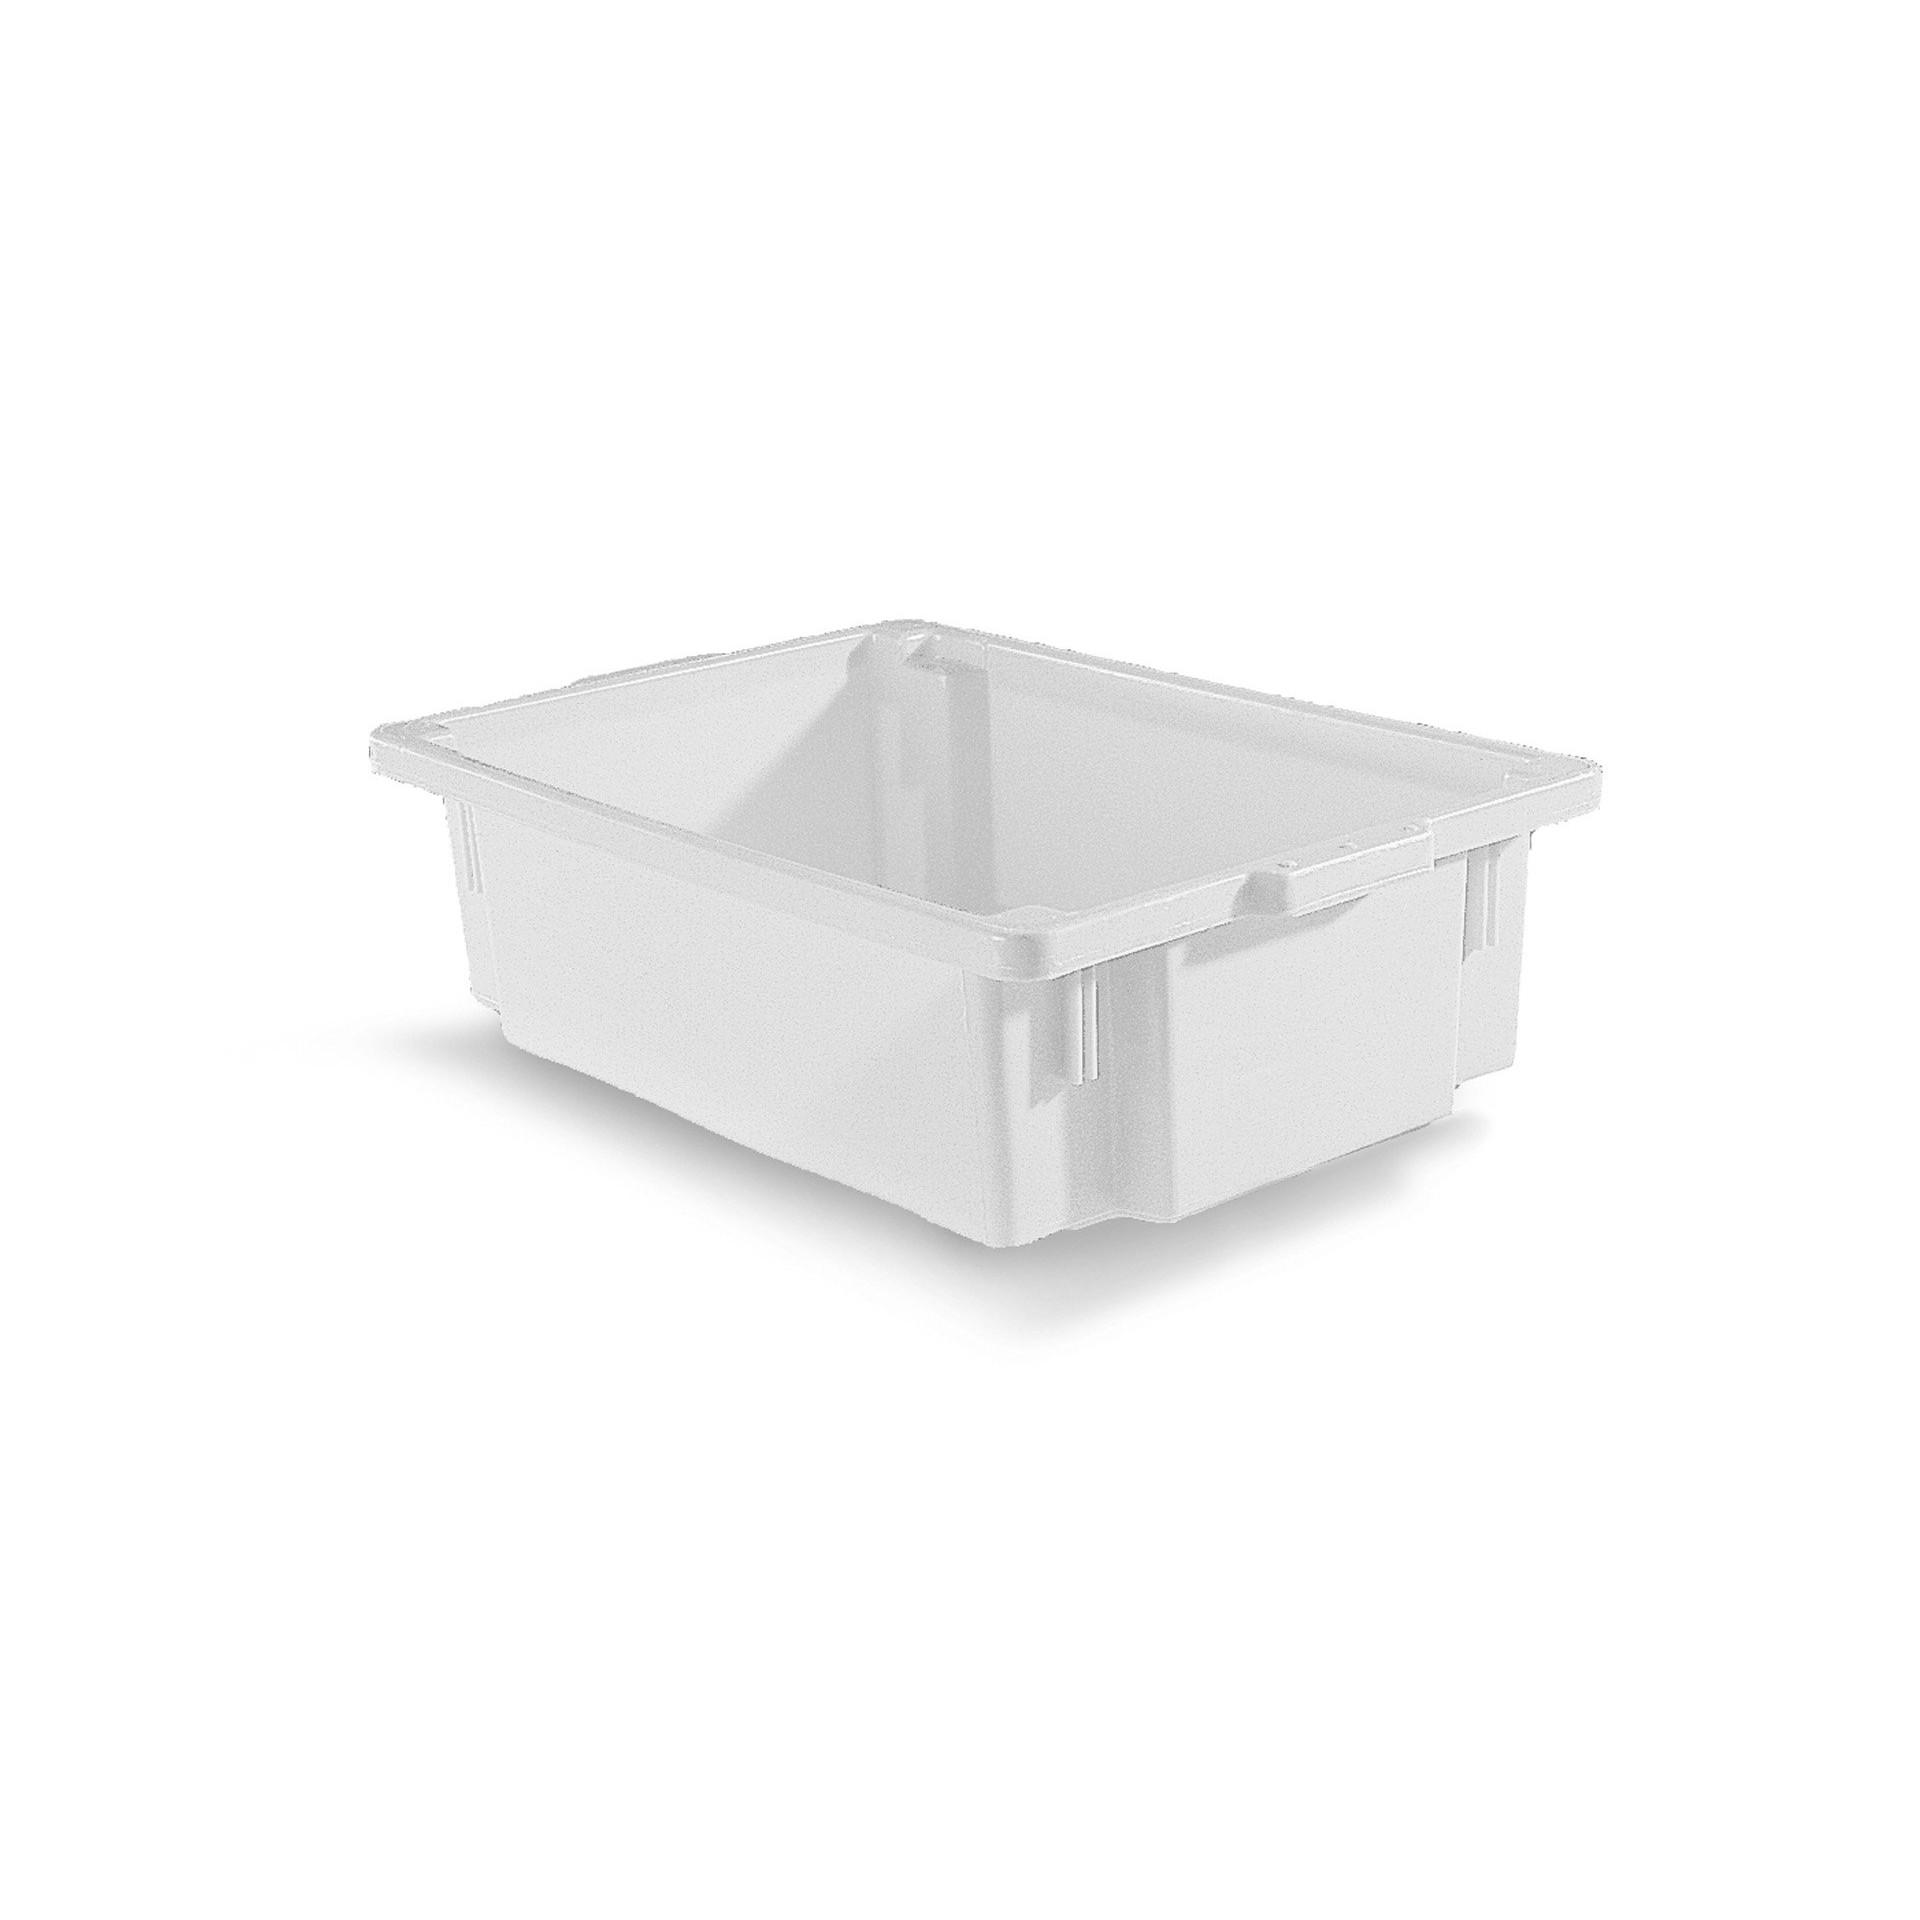 Contentor Plastico para transporte de peixe 67x44 Natural - Pisani